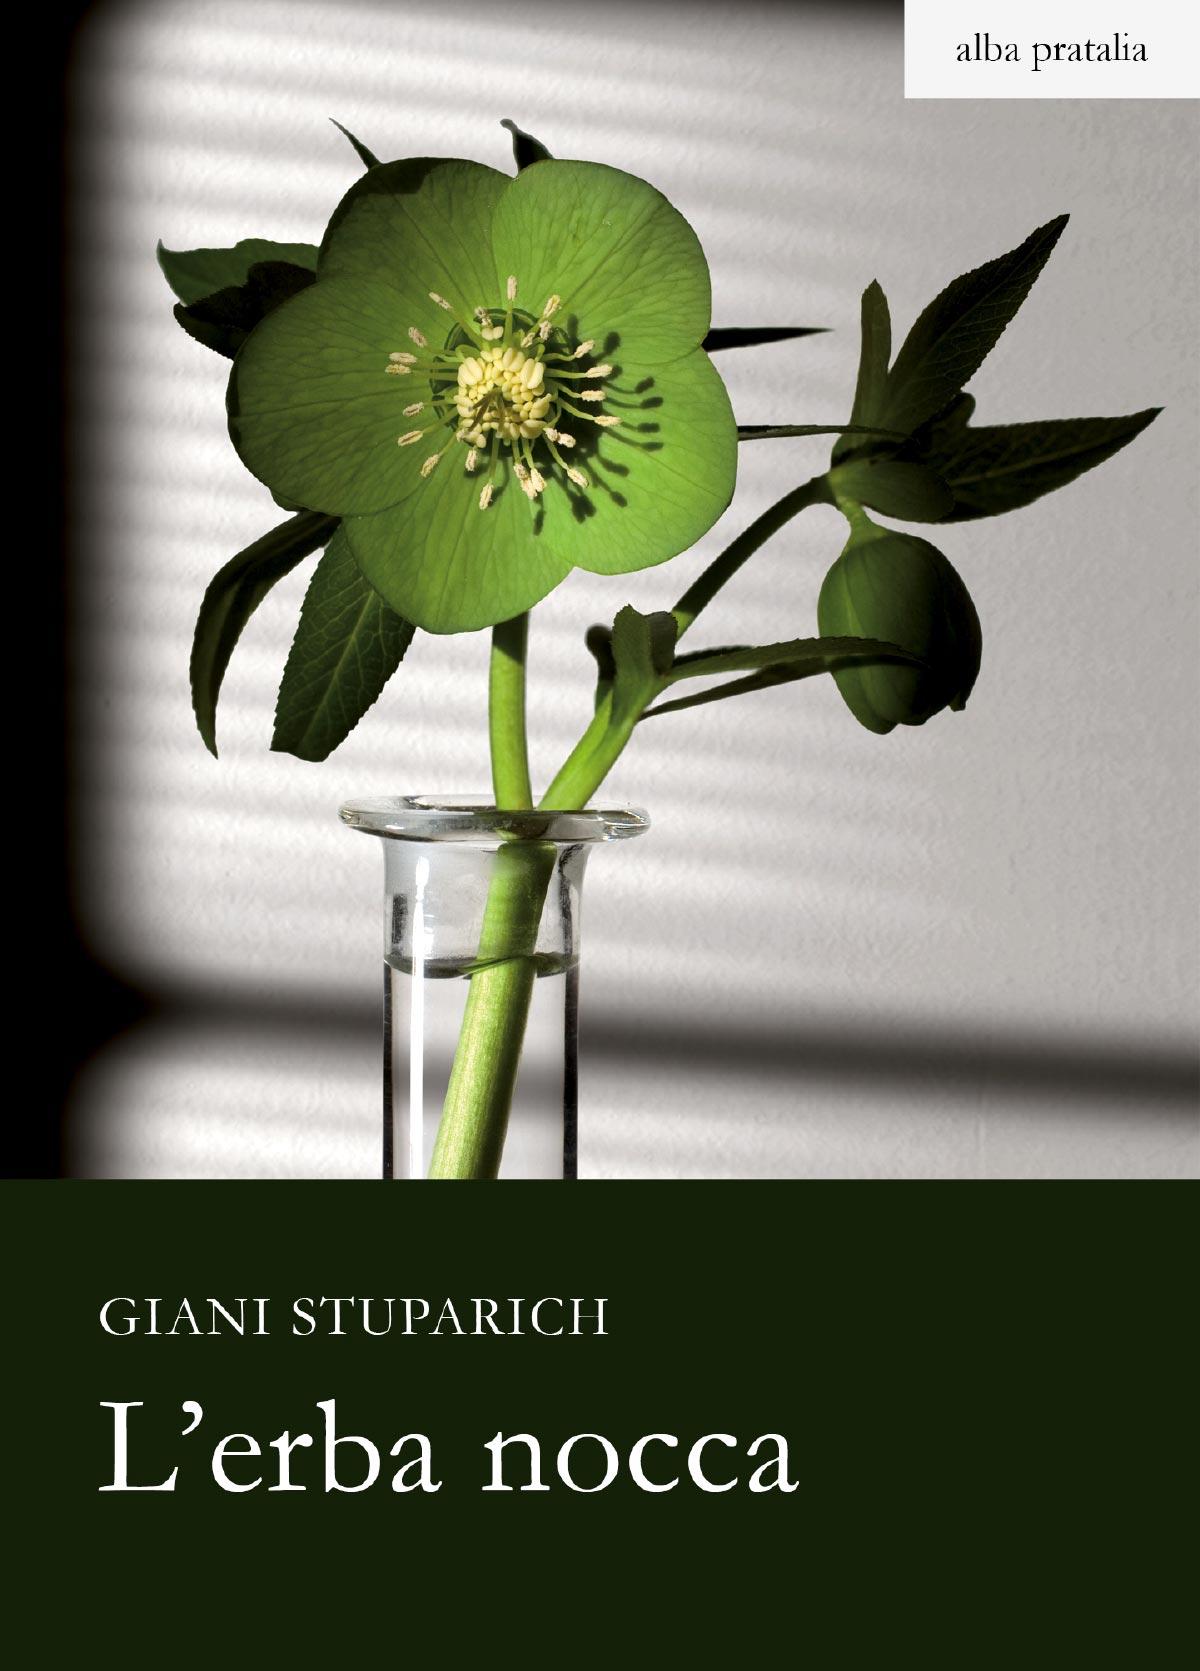 L'erba nocca Giani Stuparich